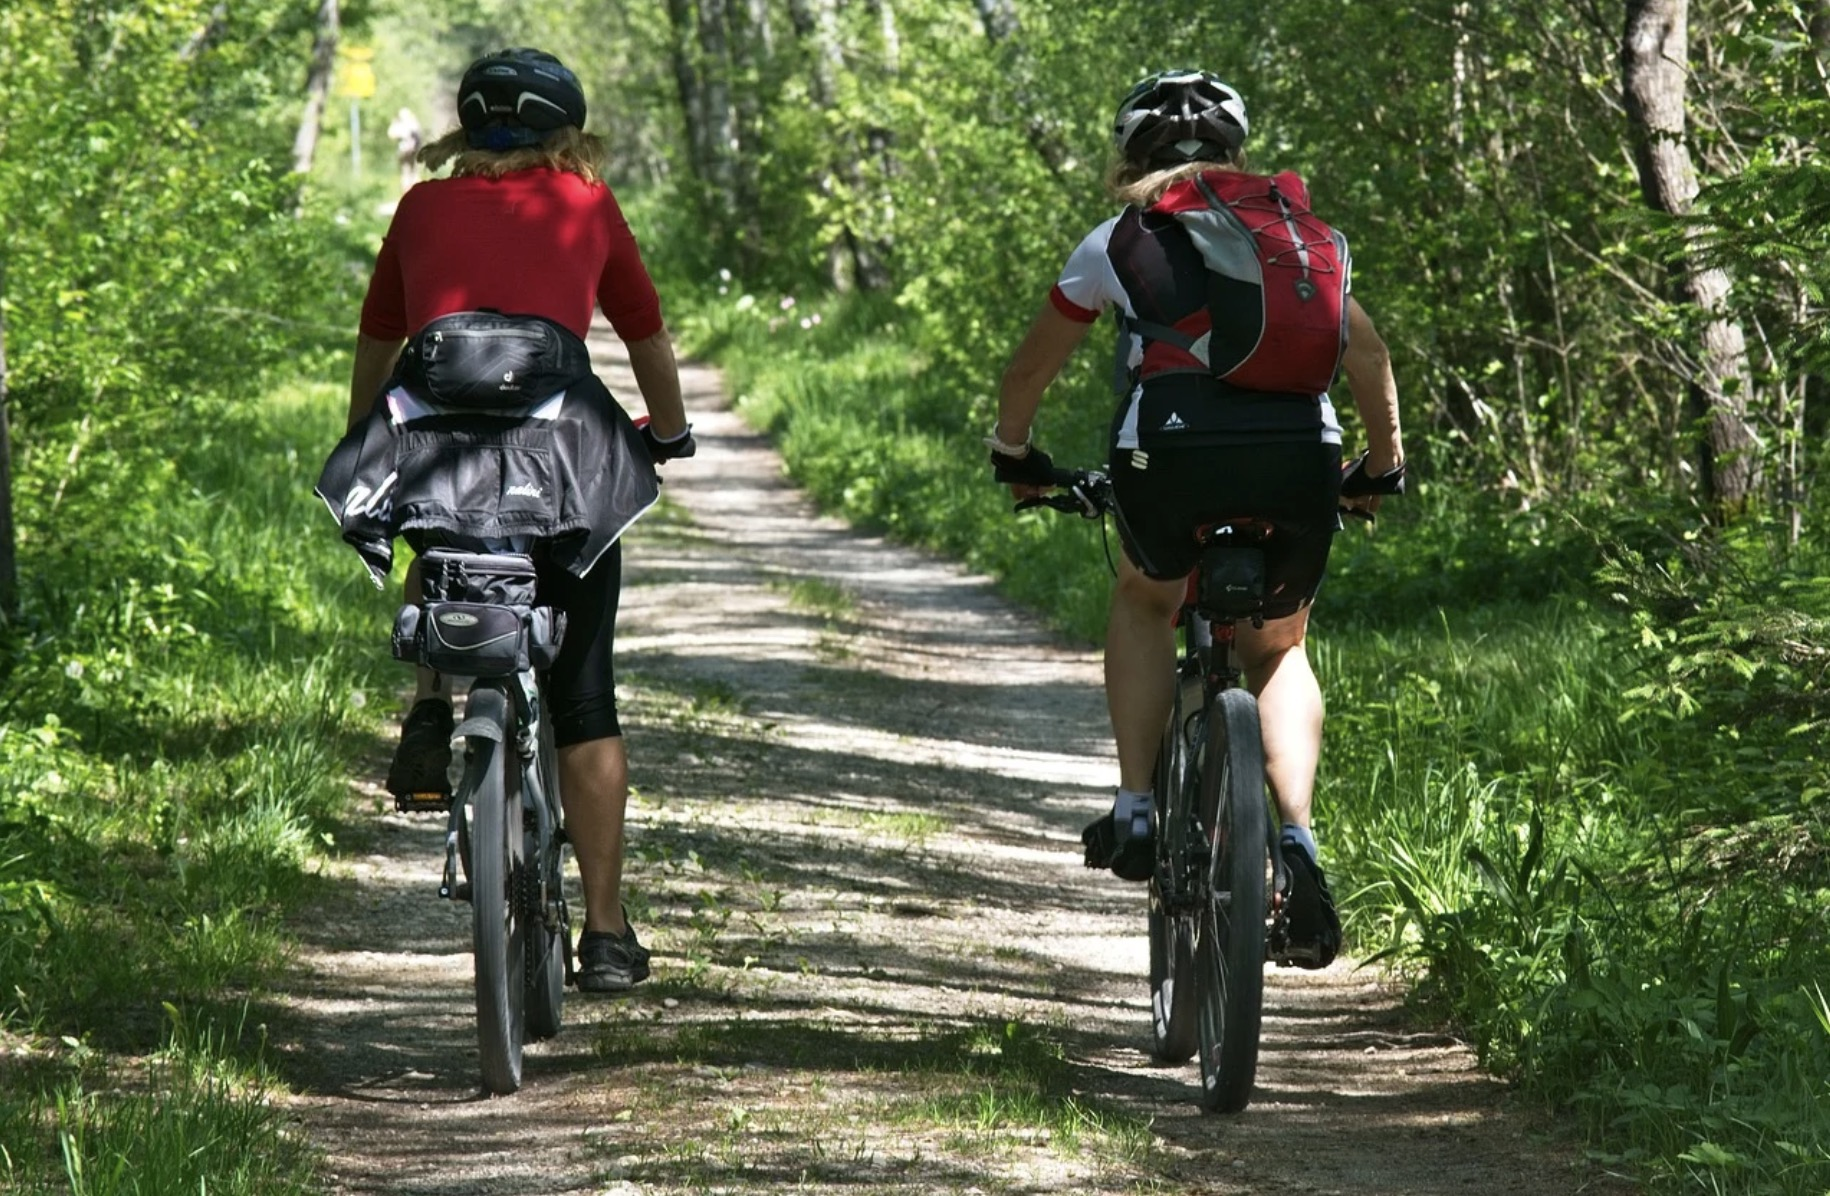 Faire du vélo en forêt : bon ou mauvais ?